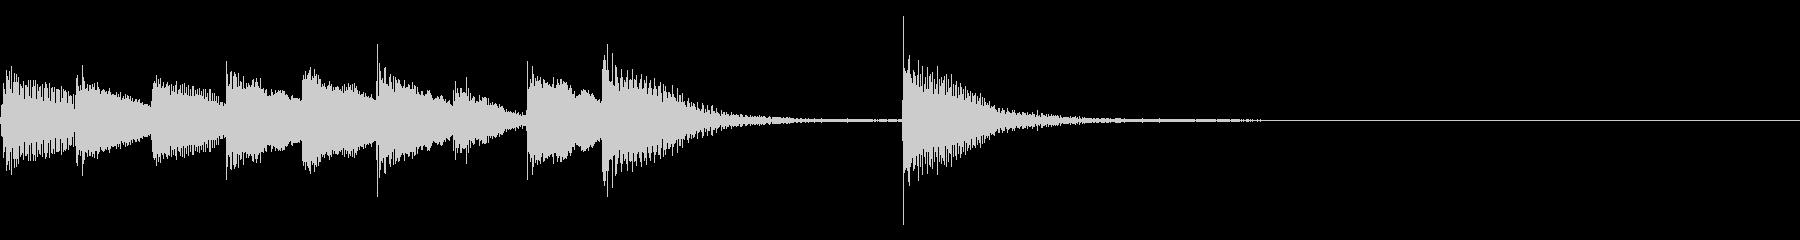 ピアノジングル 幼児向けアニメ系C-03の未再生の波形